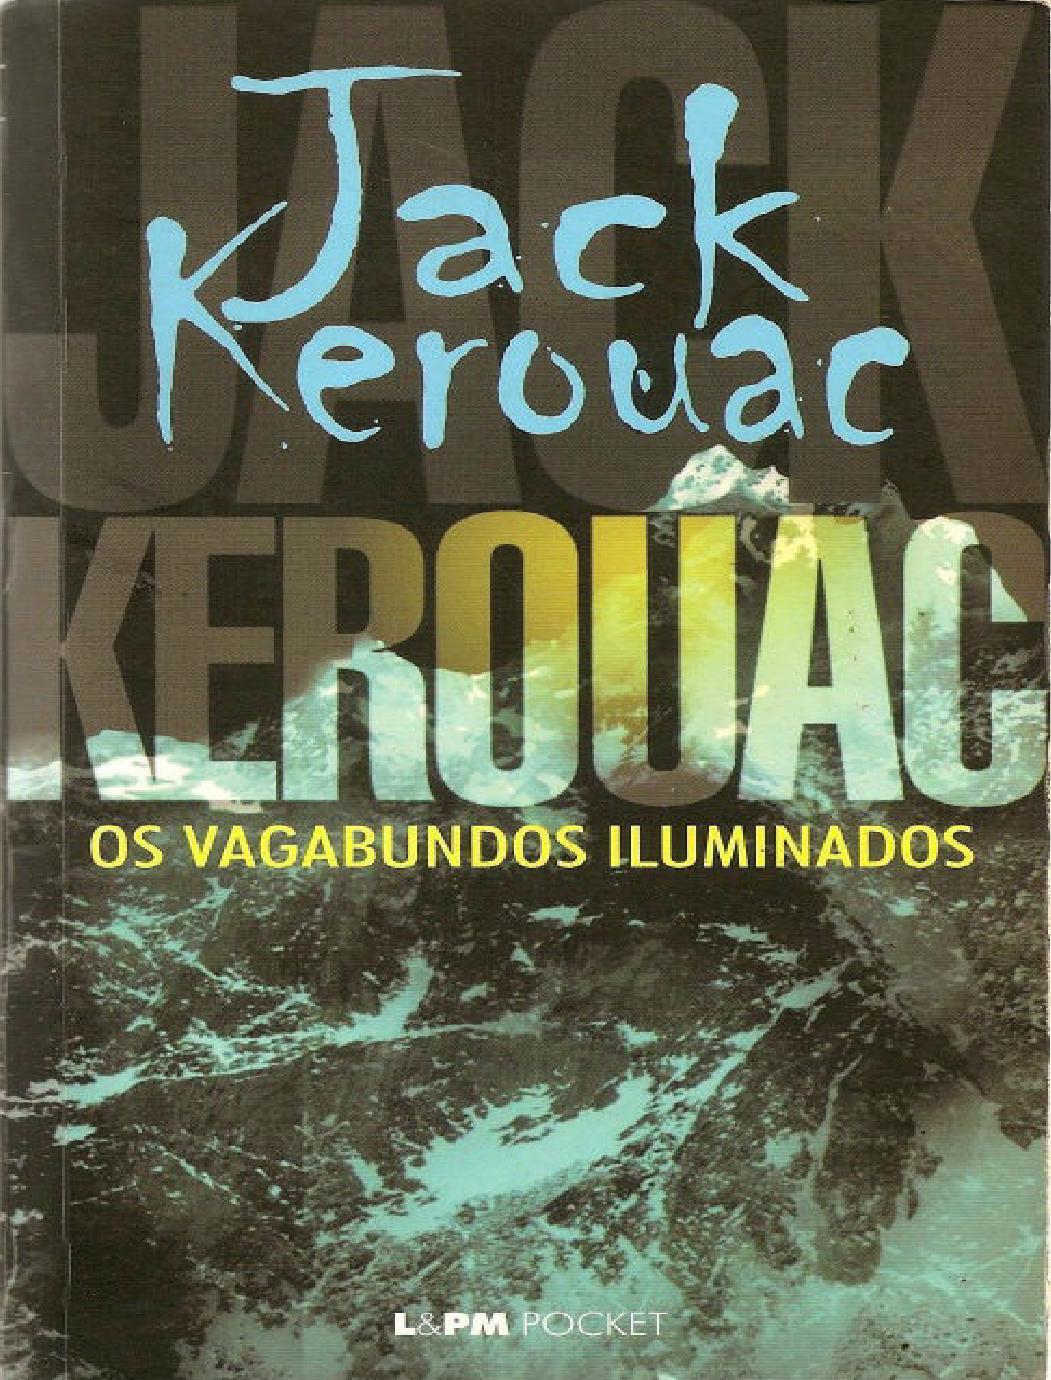 e2c8441e3d89f Jack Kerouac - Os Vagabundos Iluminados by 201910 - issuu